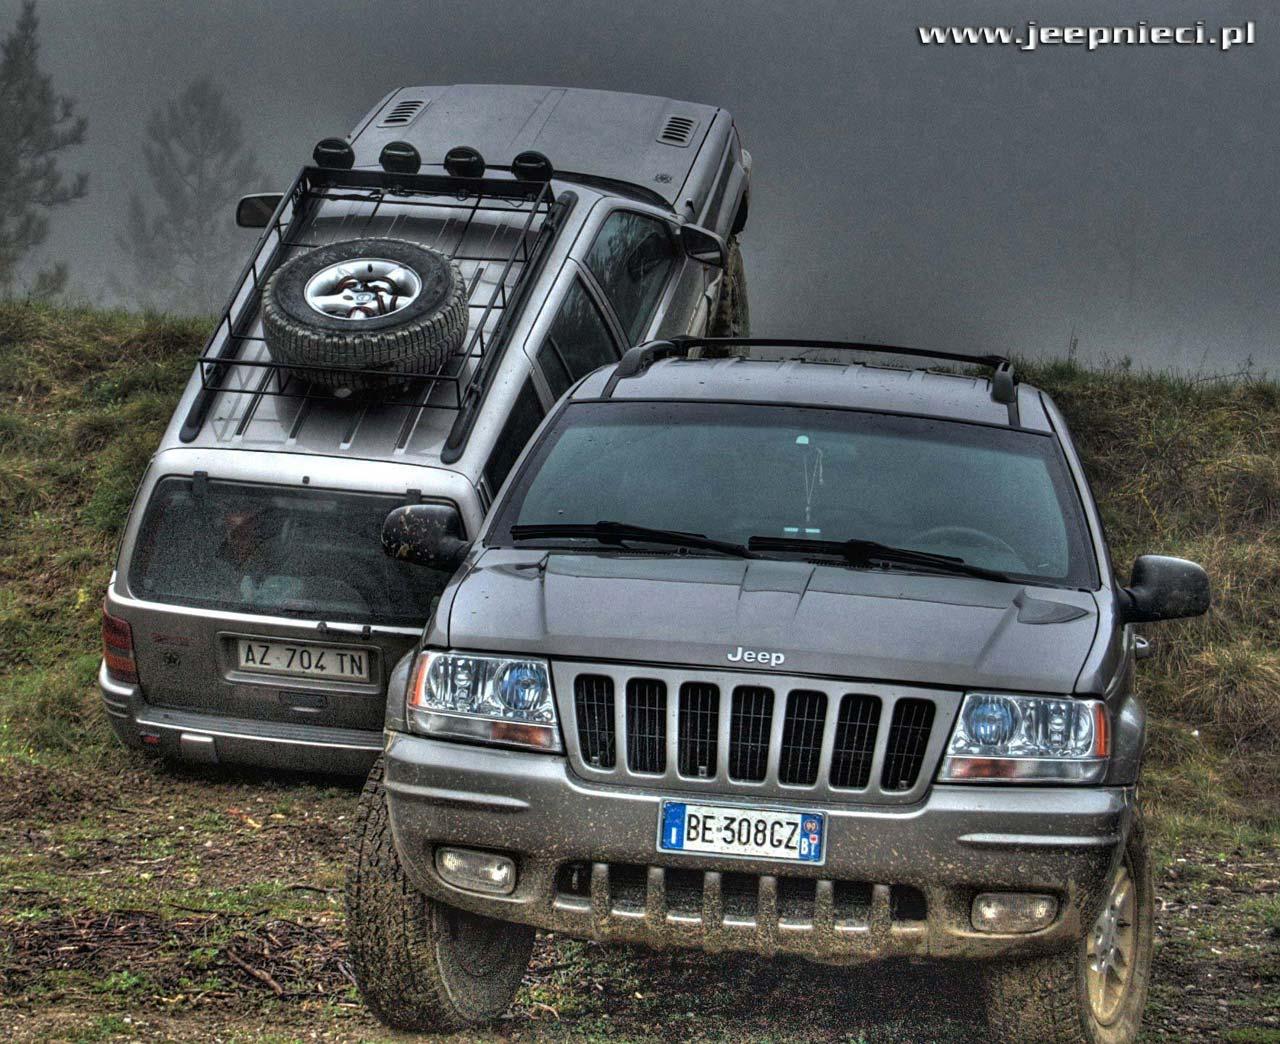 Jeep - JEEPnieci.pl